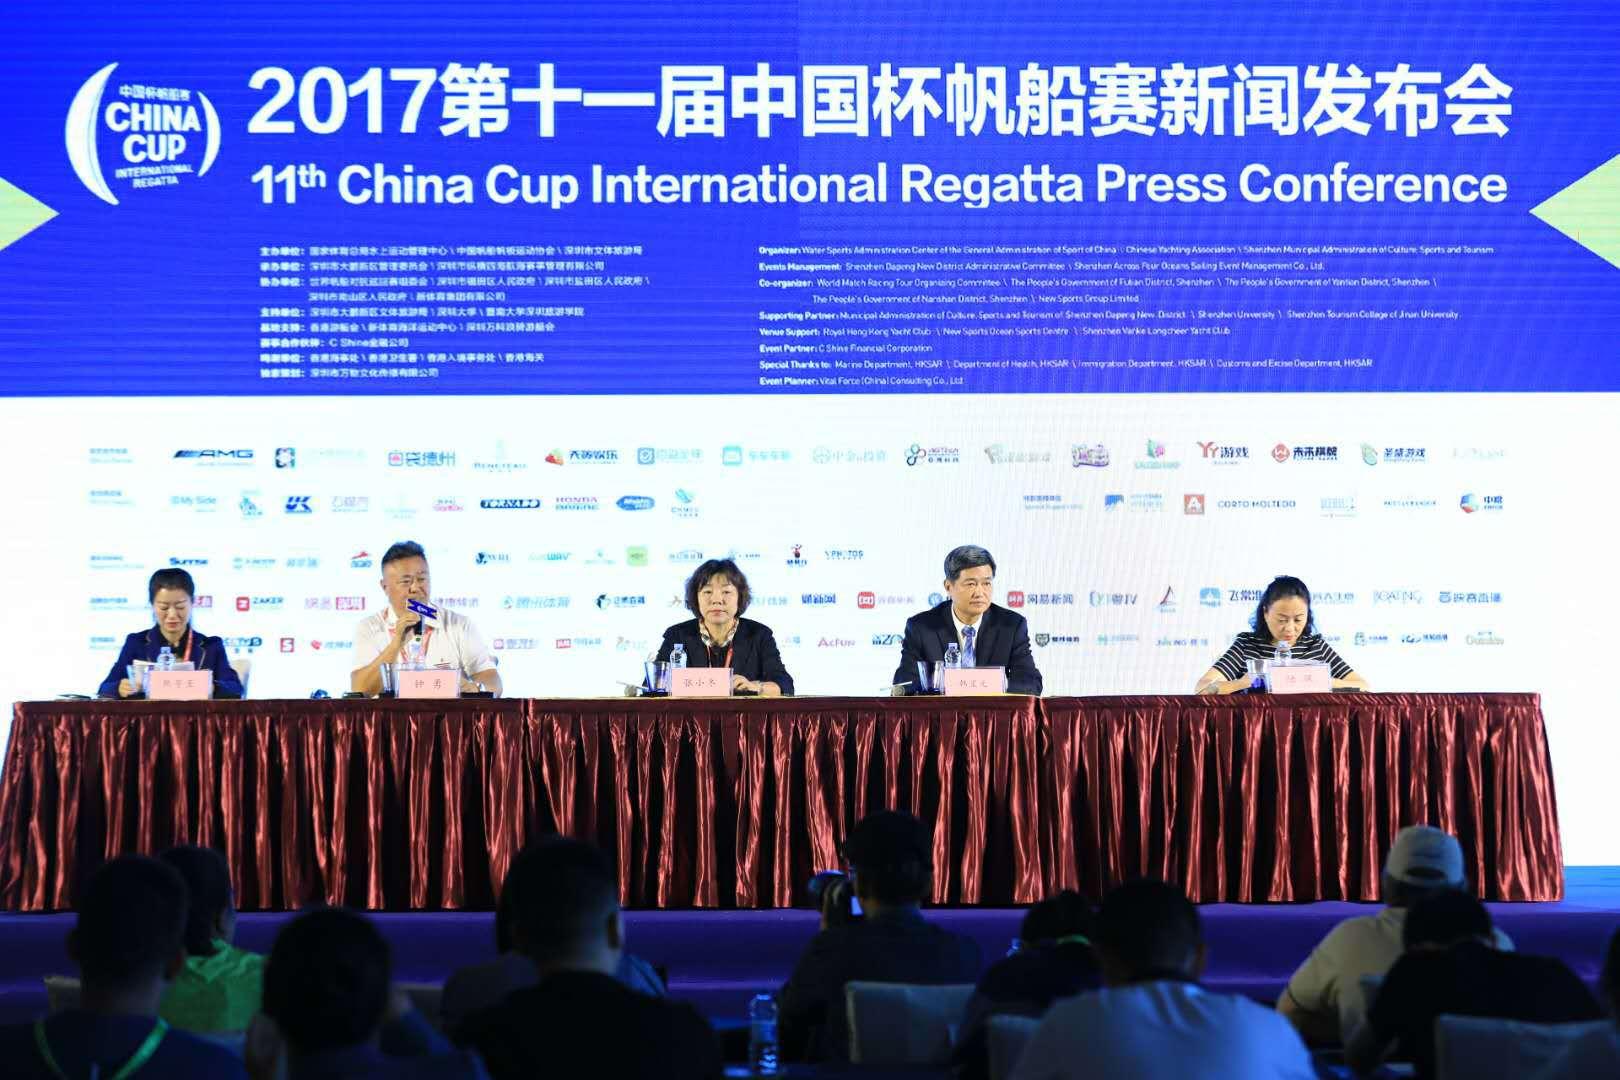 第十一届中国杯帆船赛迎风起航 四大亮点展开新十年